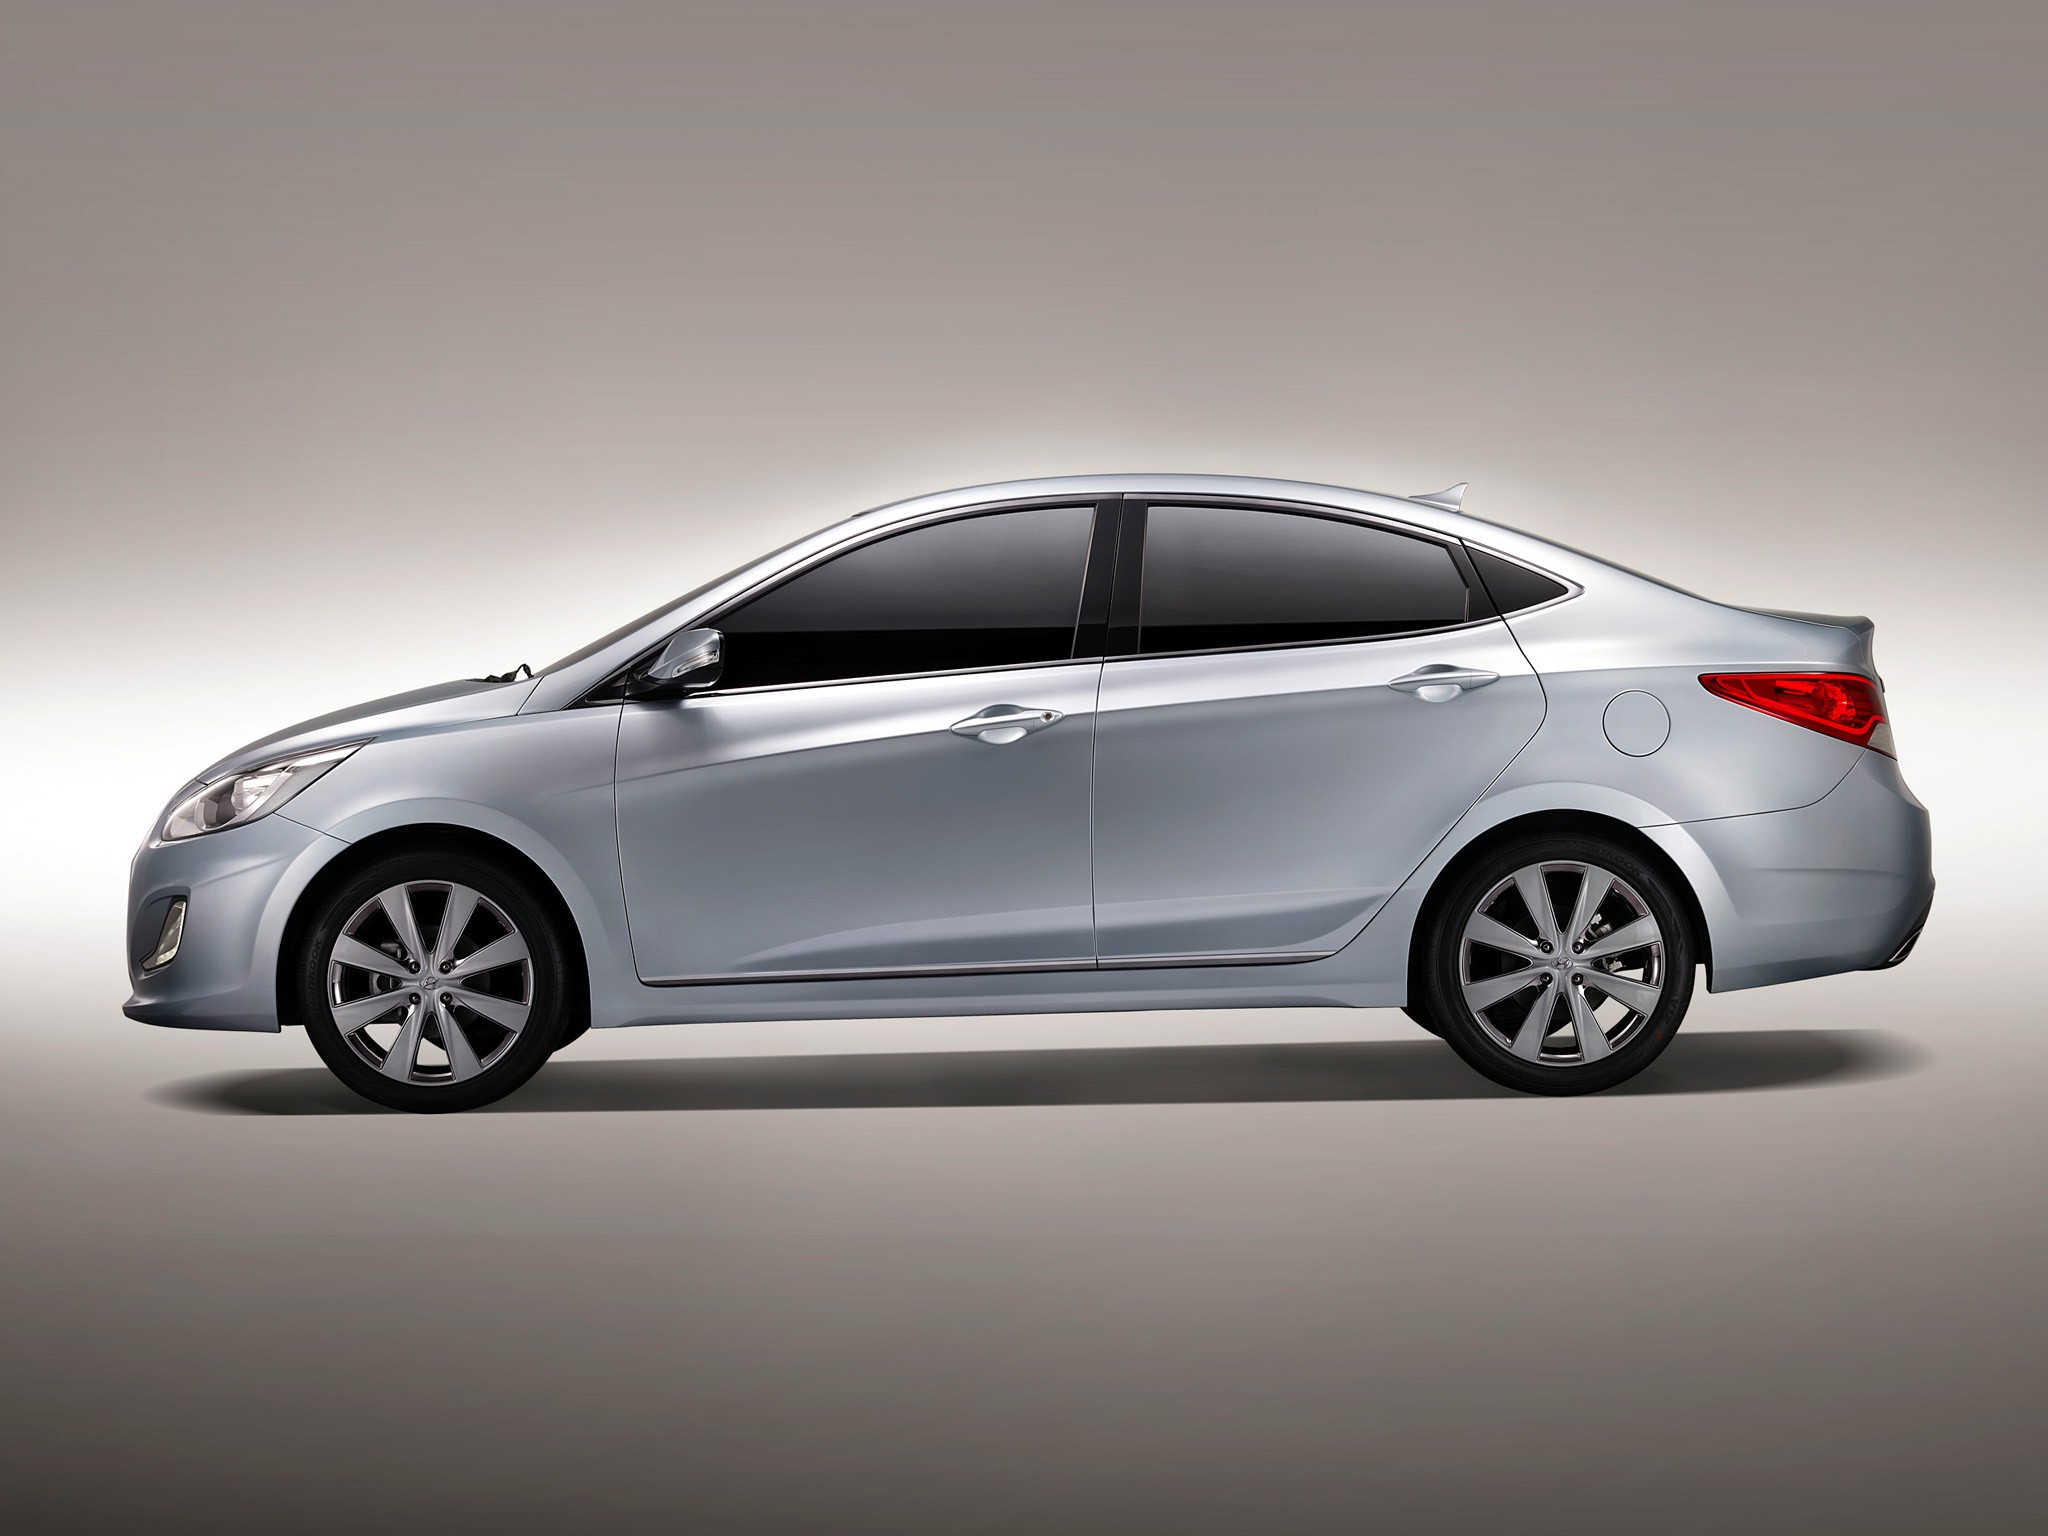 Hyundai Accent Rb Tuning >> HYUNDAI Accent 4 Doors specs - 2011, 2012, 2013, 2014, 2015, 2016, 2017 - autoevolution